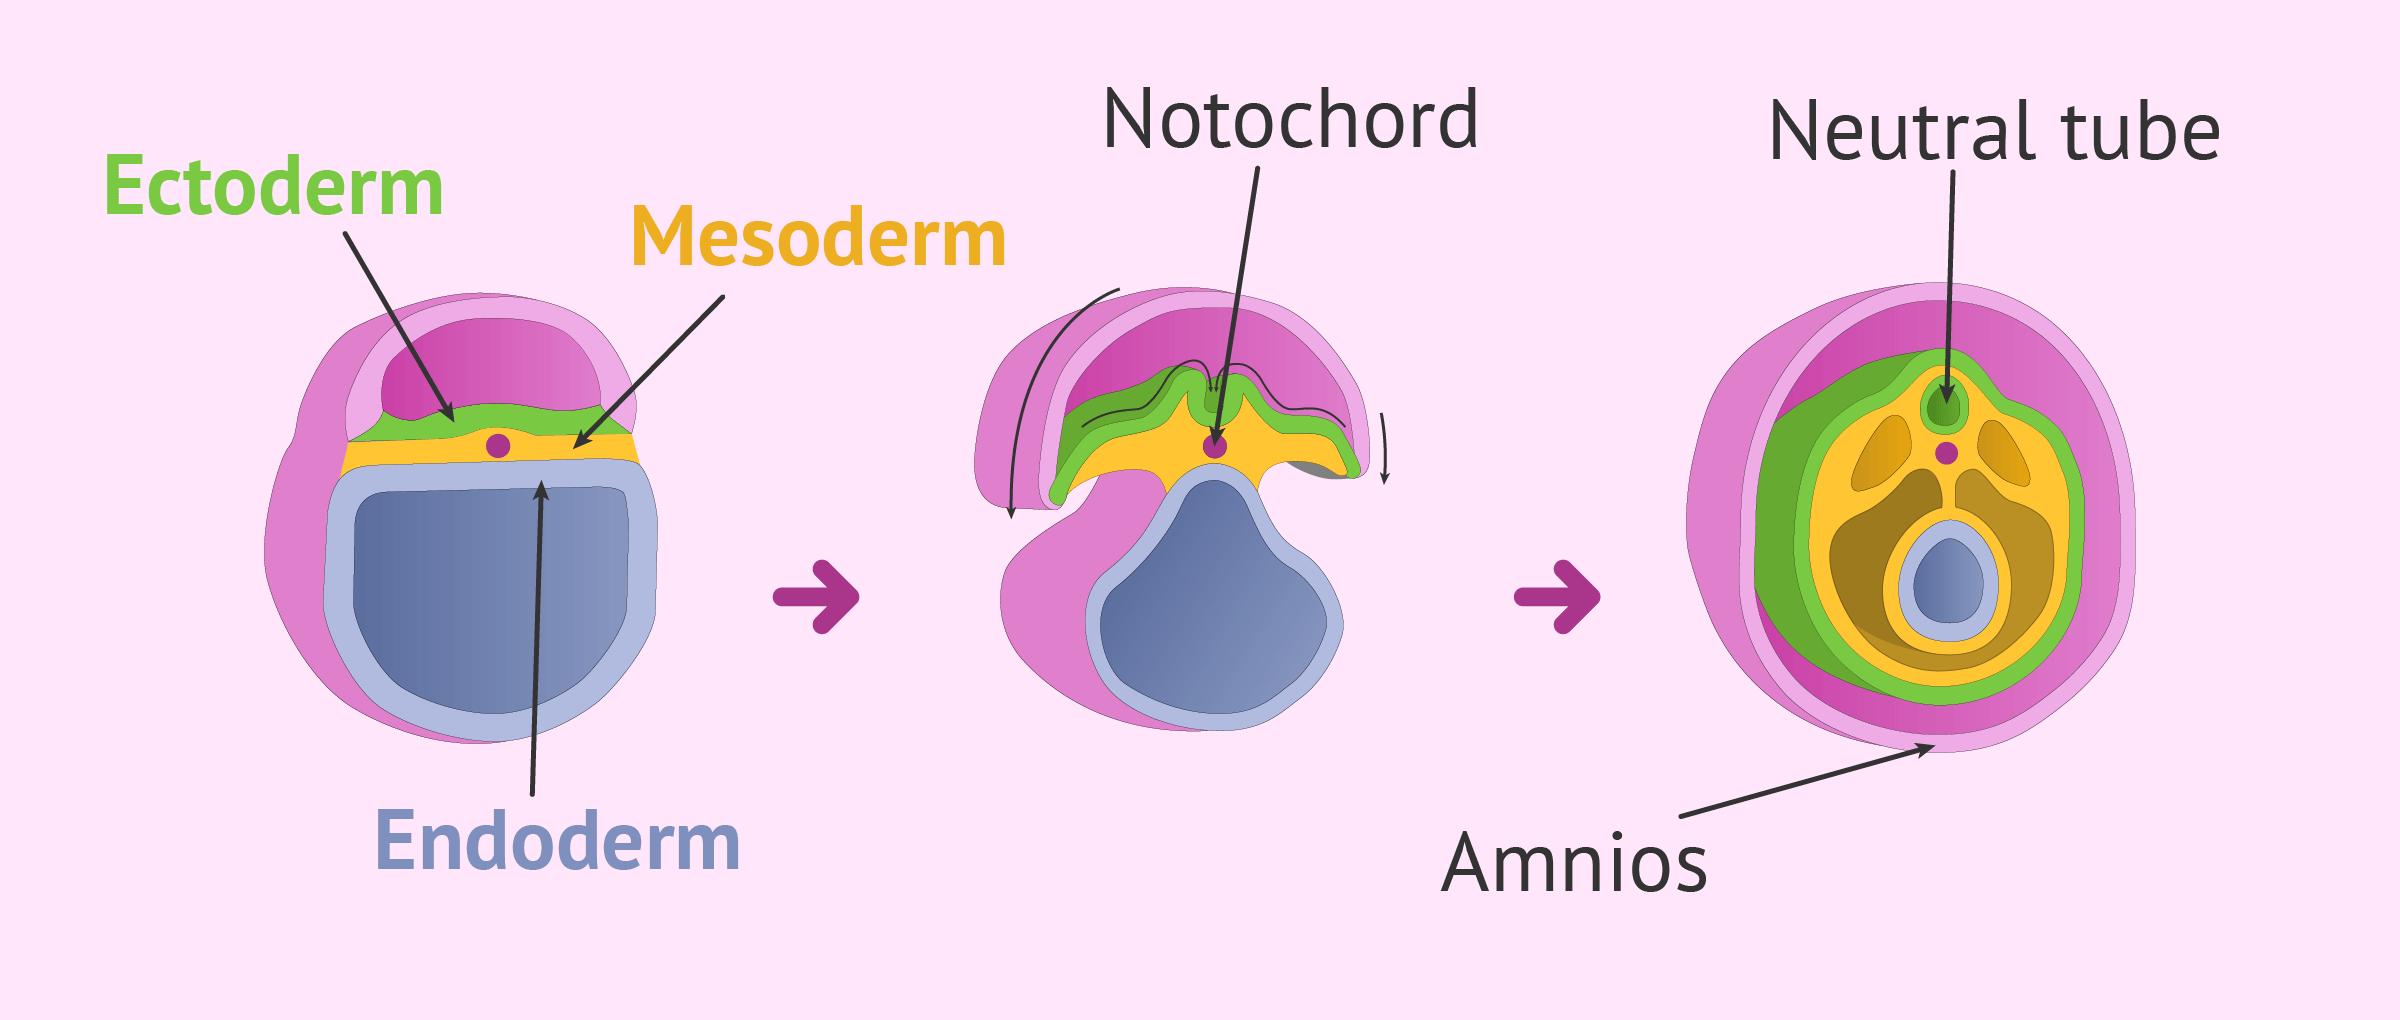 Beginning of organogenesis in the embryo